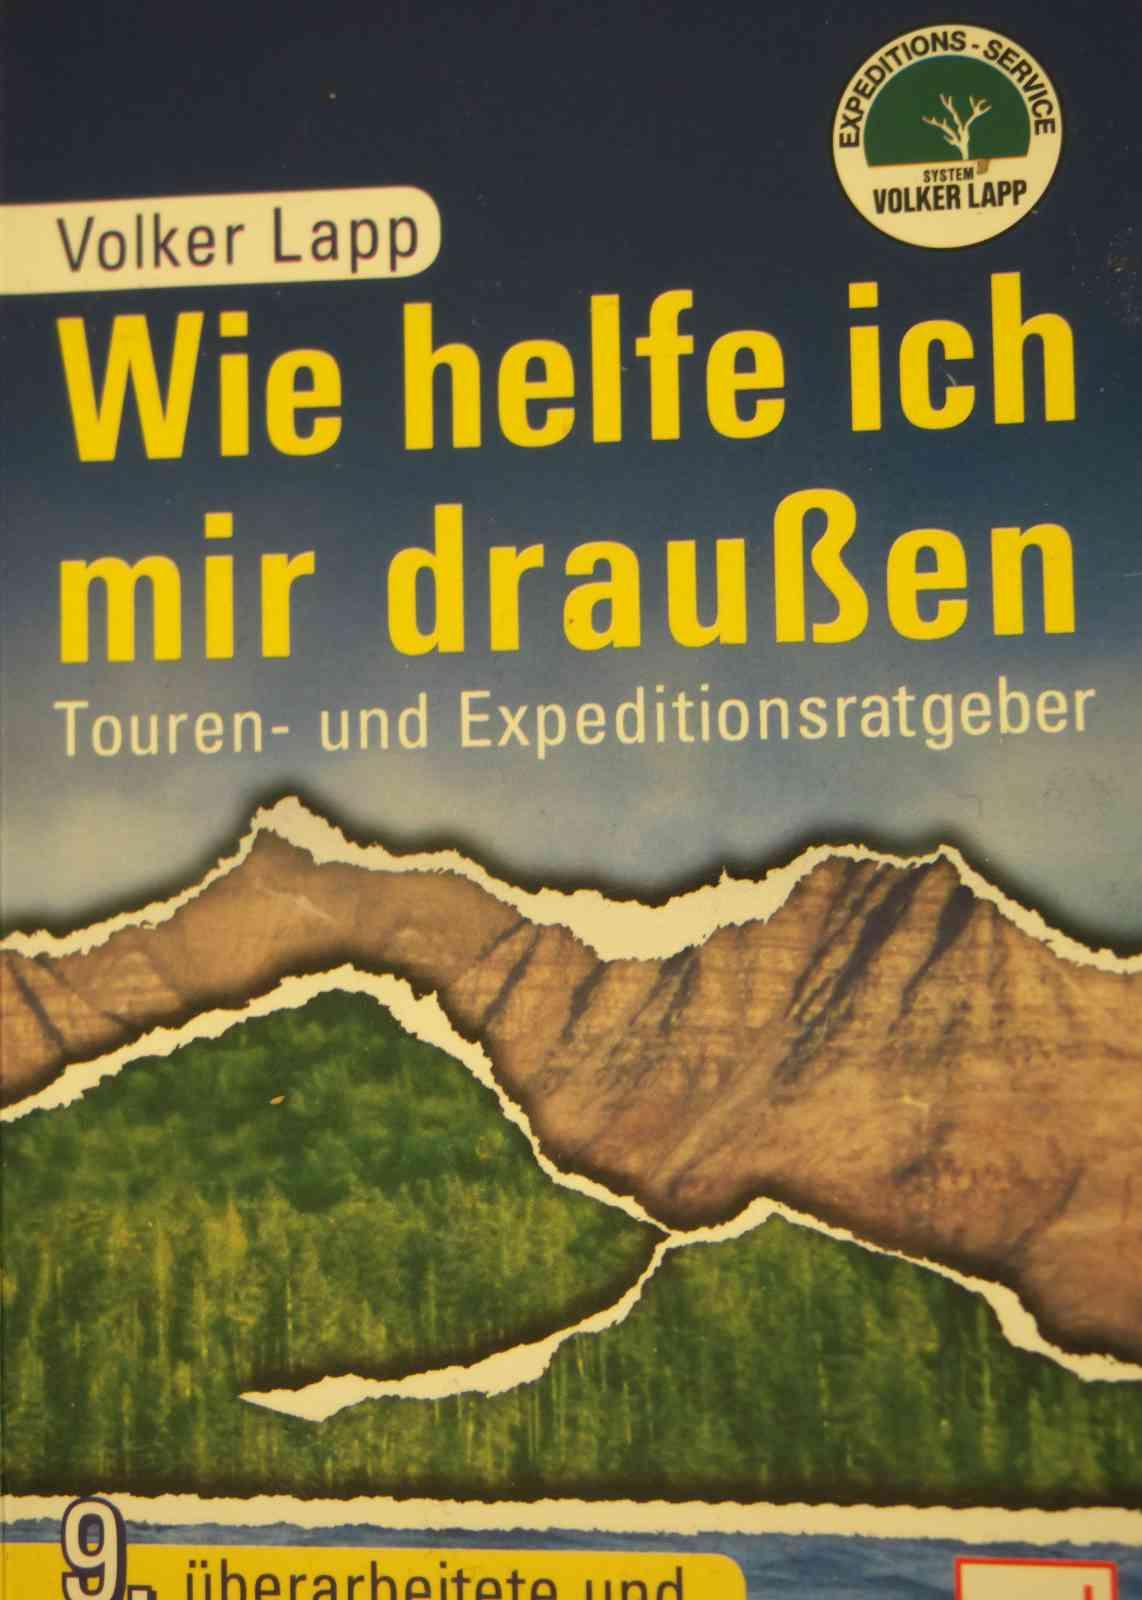 Volker Lapp - Wie helfe ich mir draußen